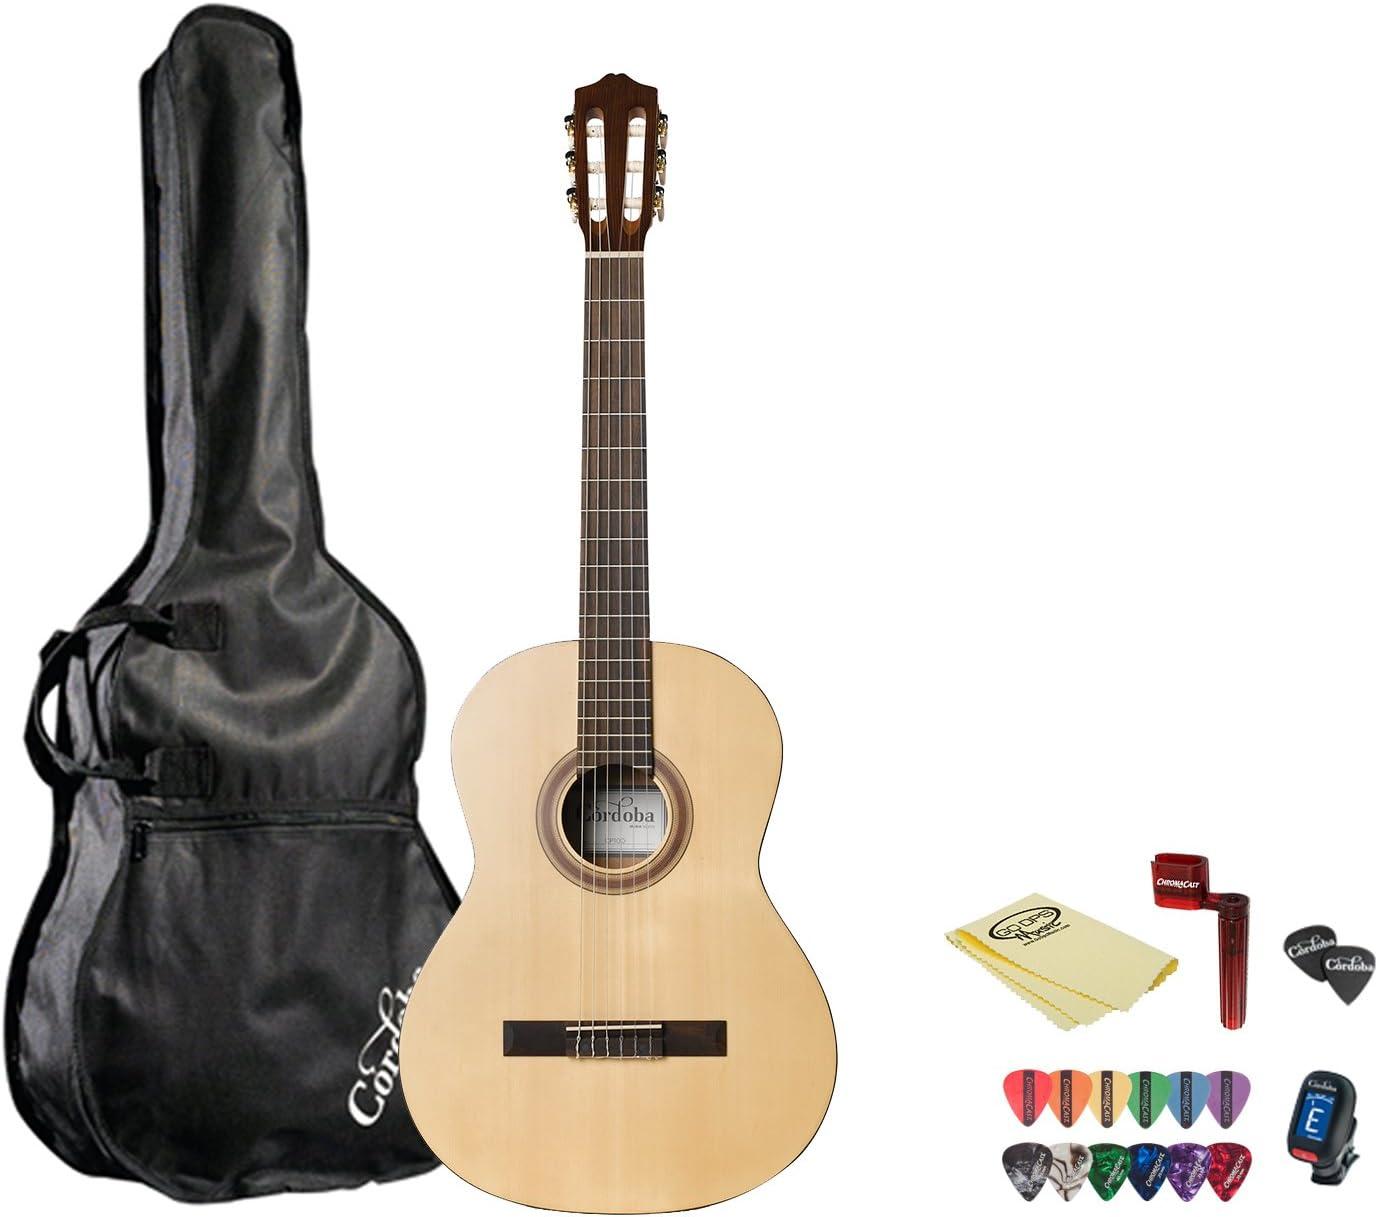 Cordoba CP100 Pack de guitarra: Amazon.es: Instrumentos musicales